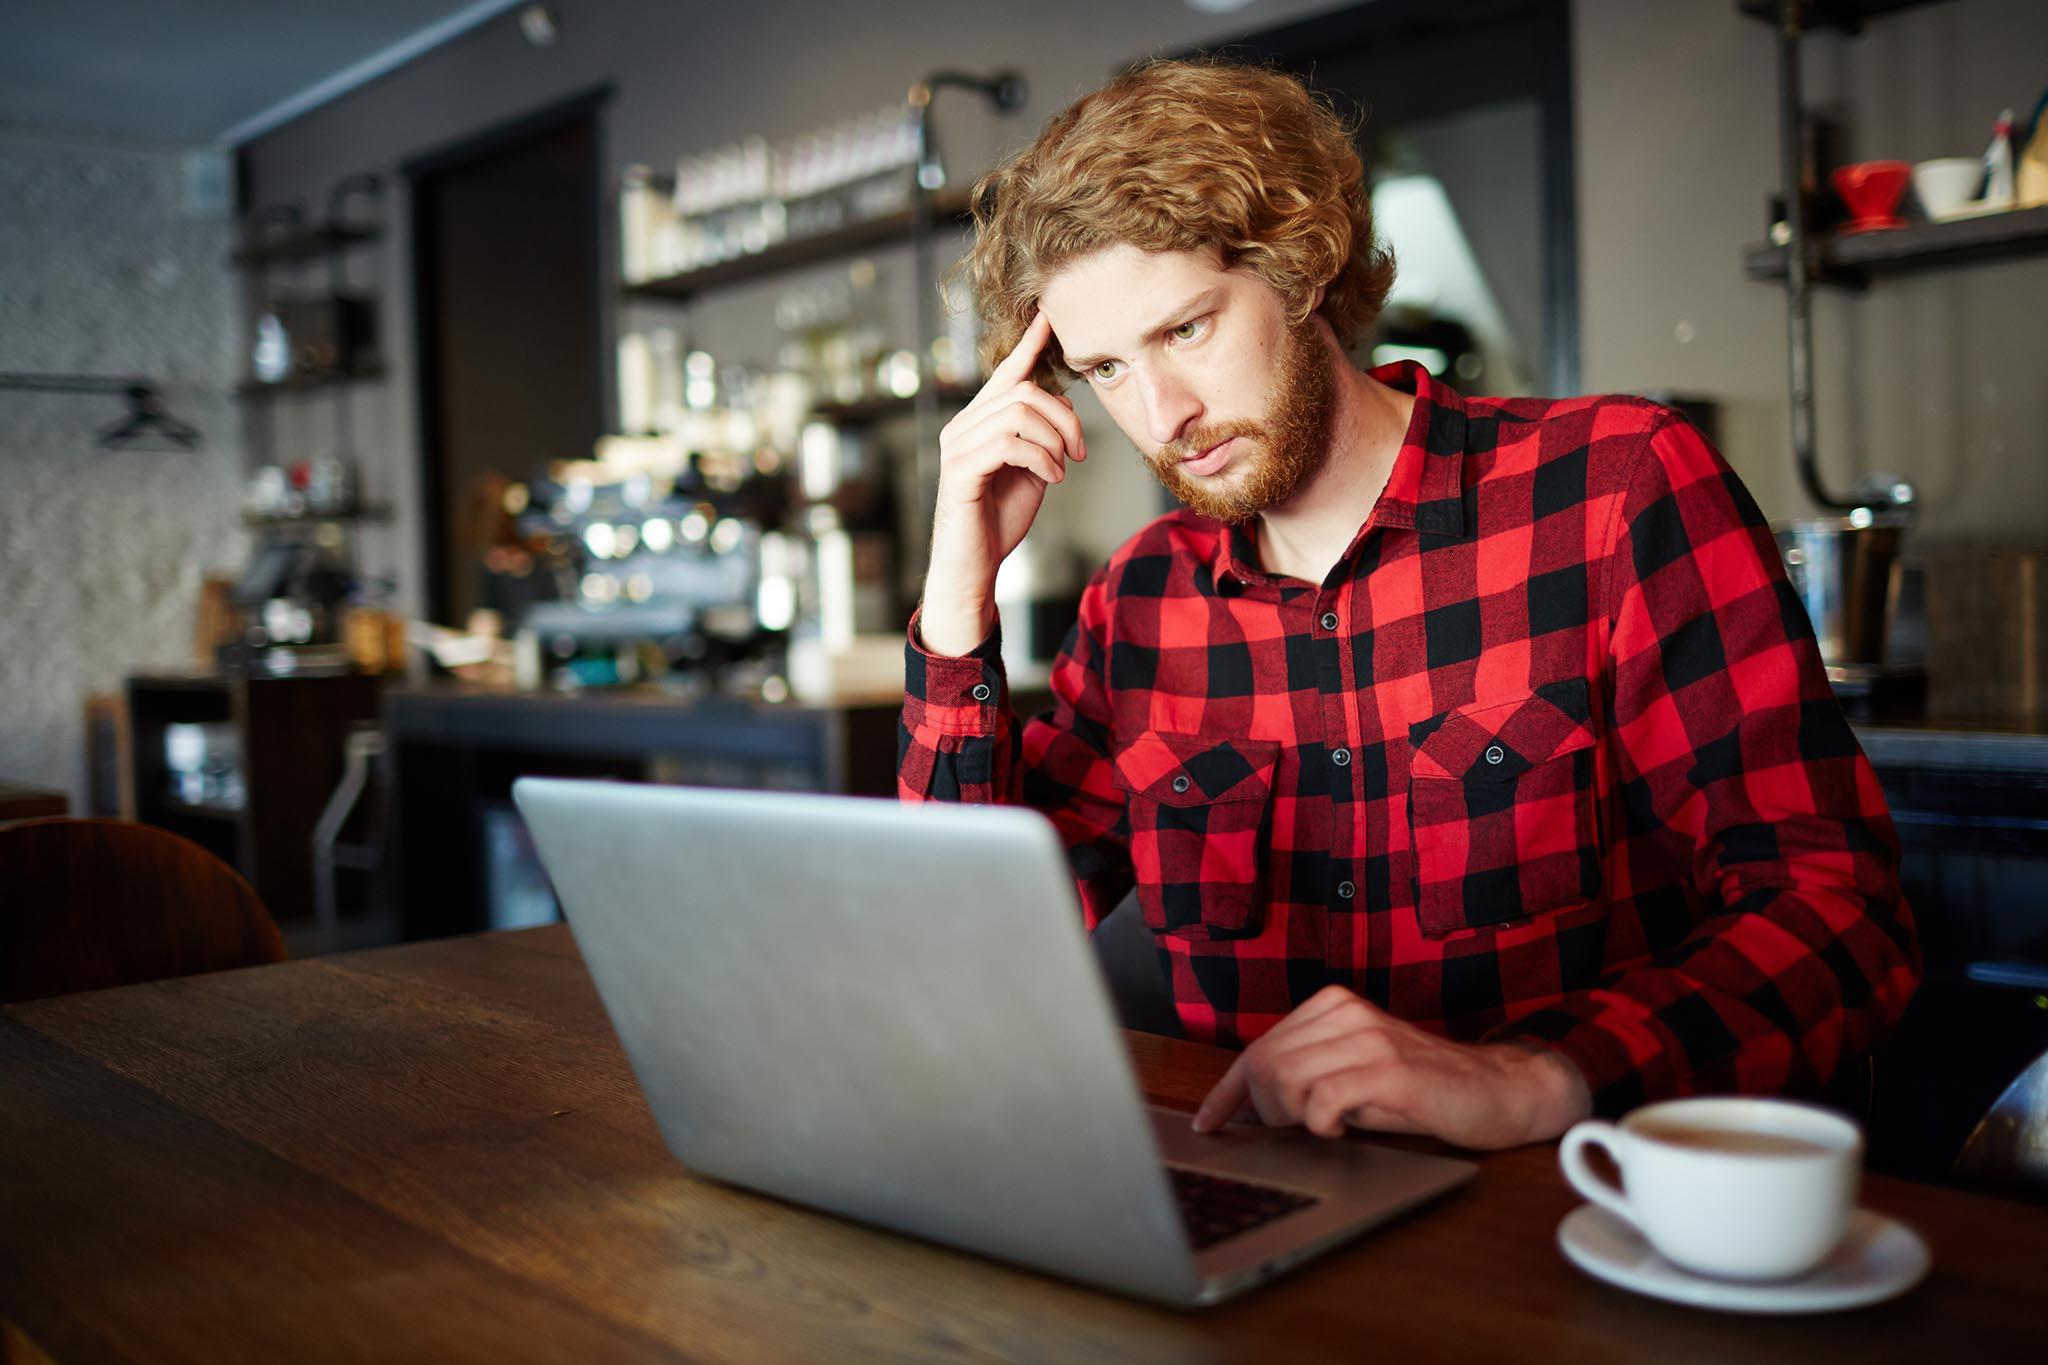 treballar a l'oficina, coworking o teletreball?